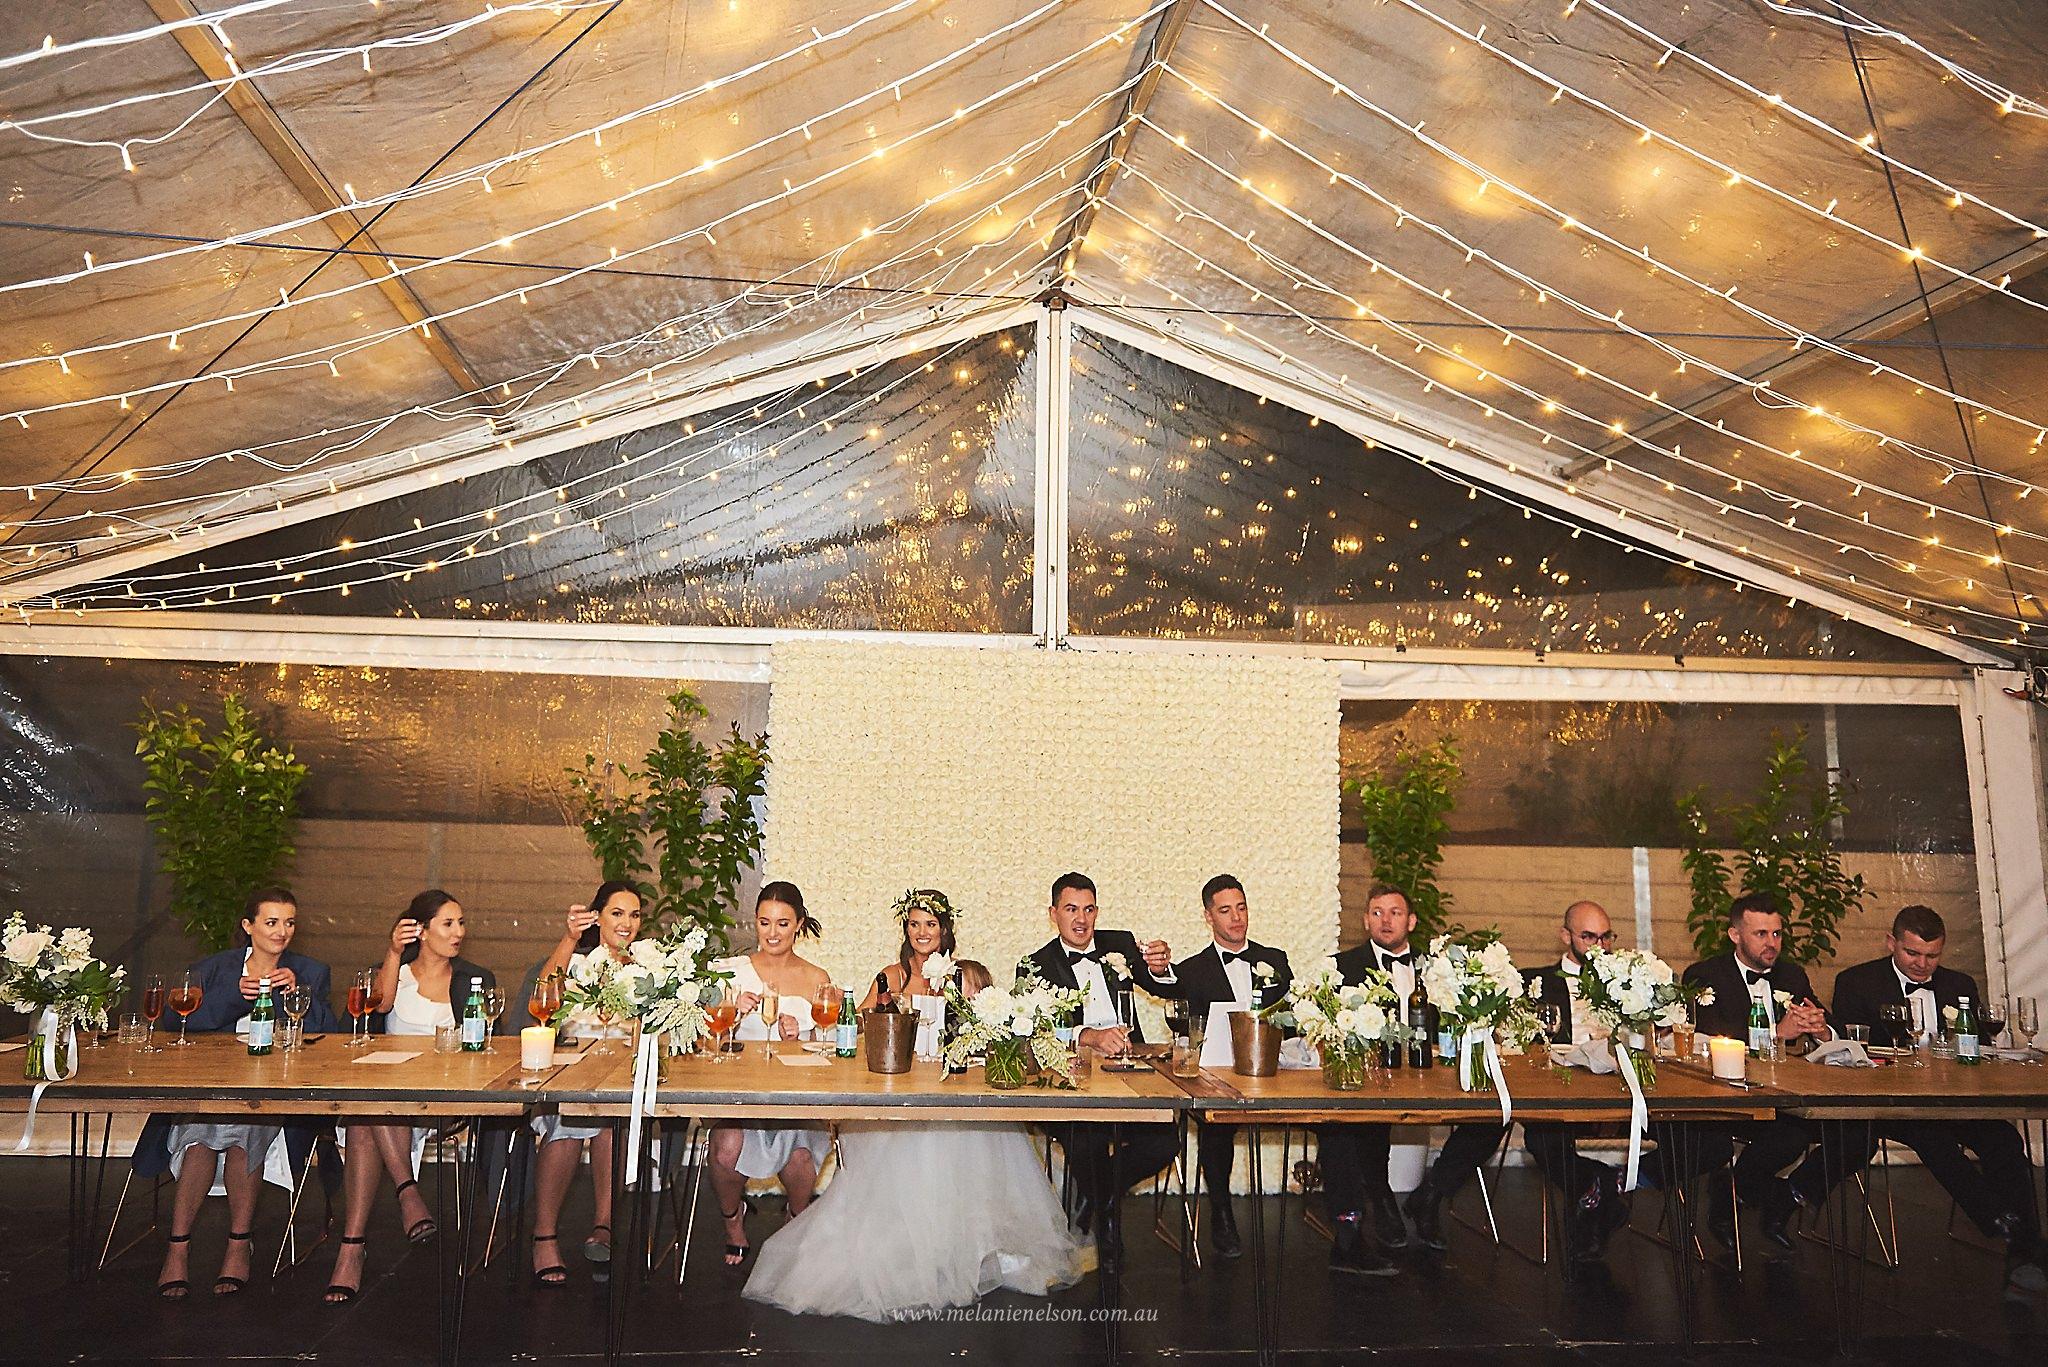 adelaide_hills_wedding_photography_0020.jpg